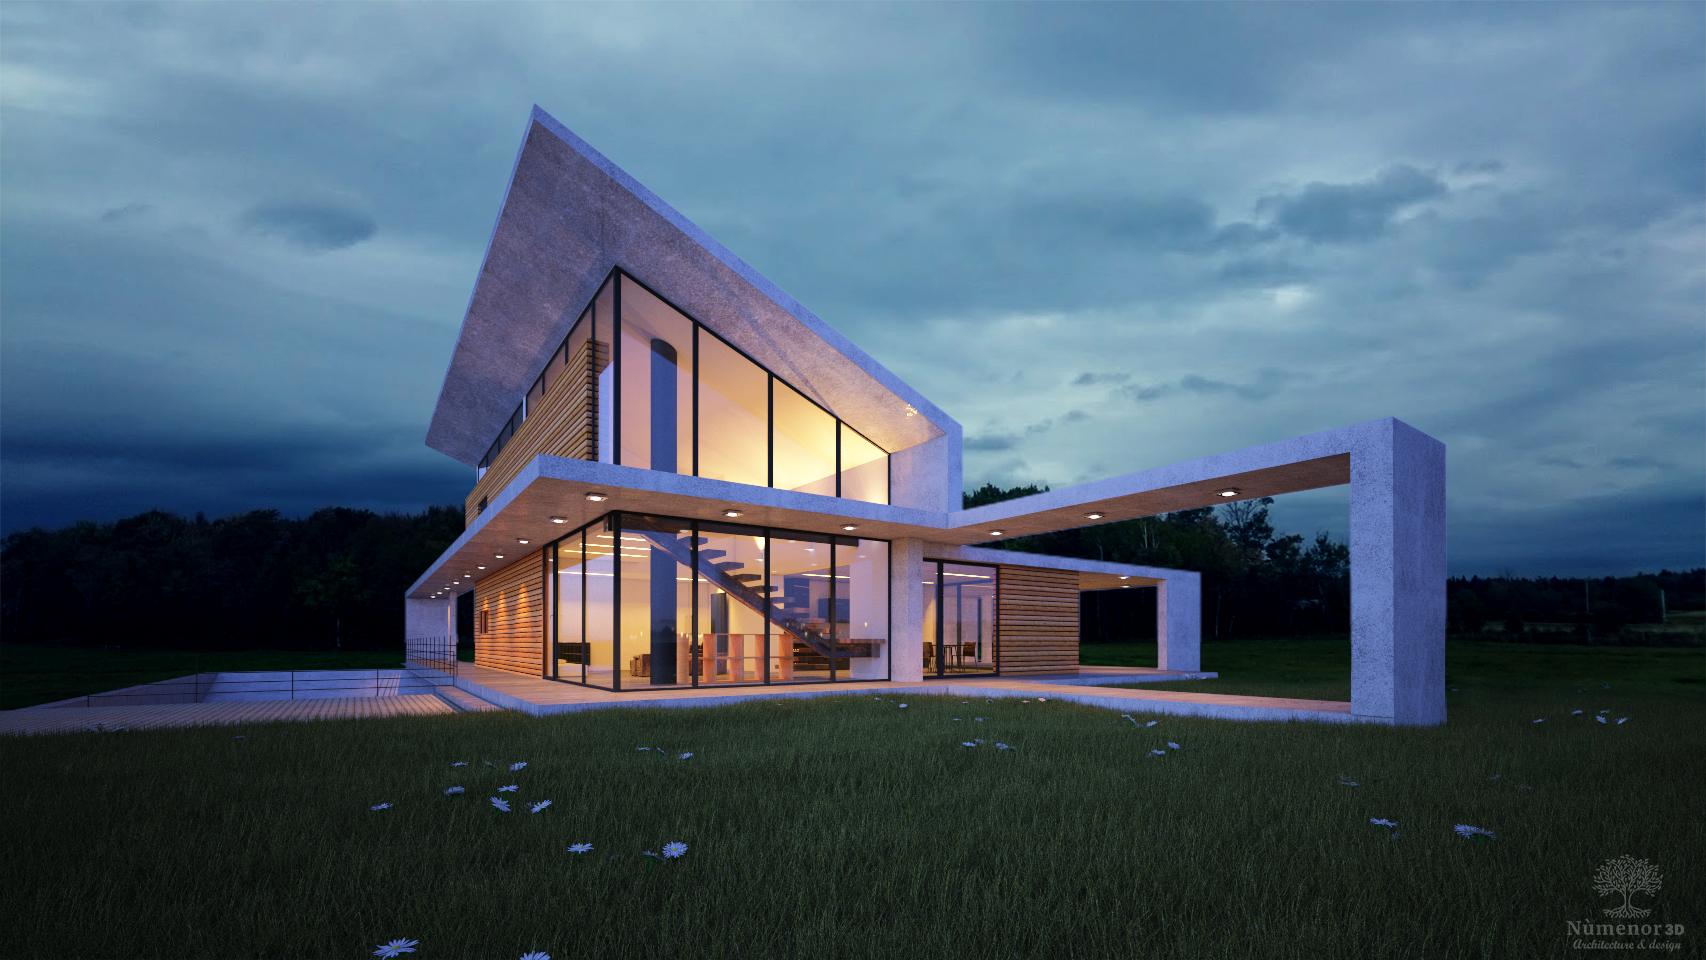 Perspective extérieure d'une maison contemporaine